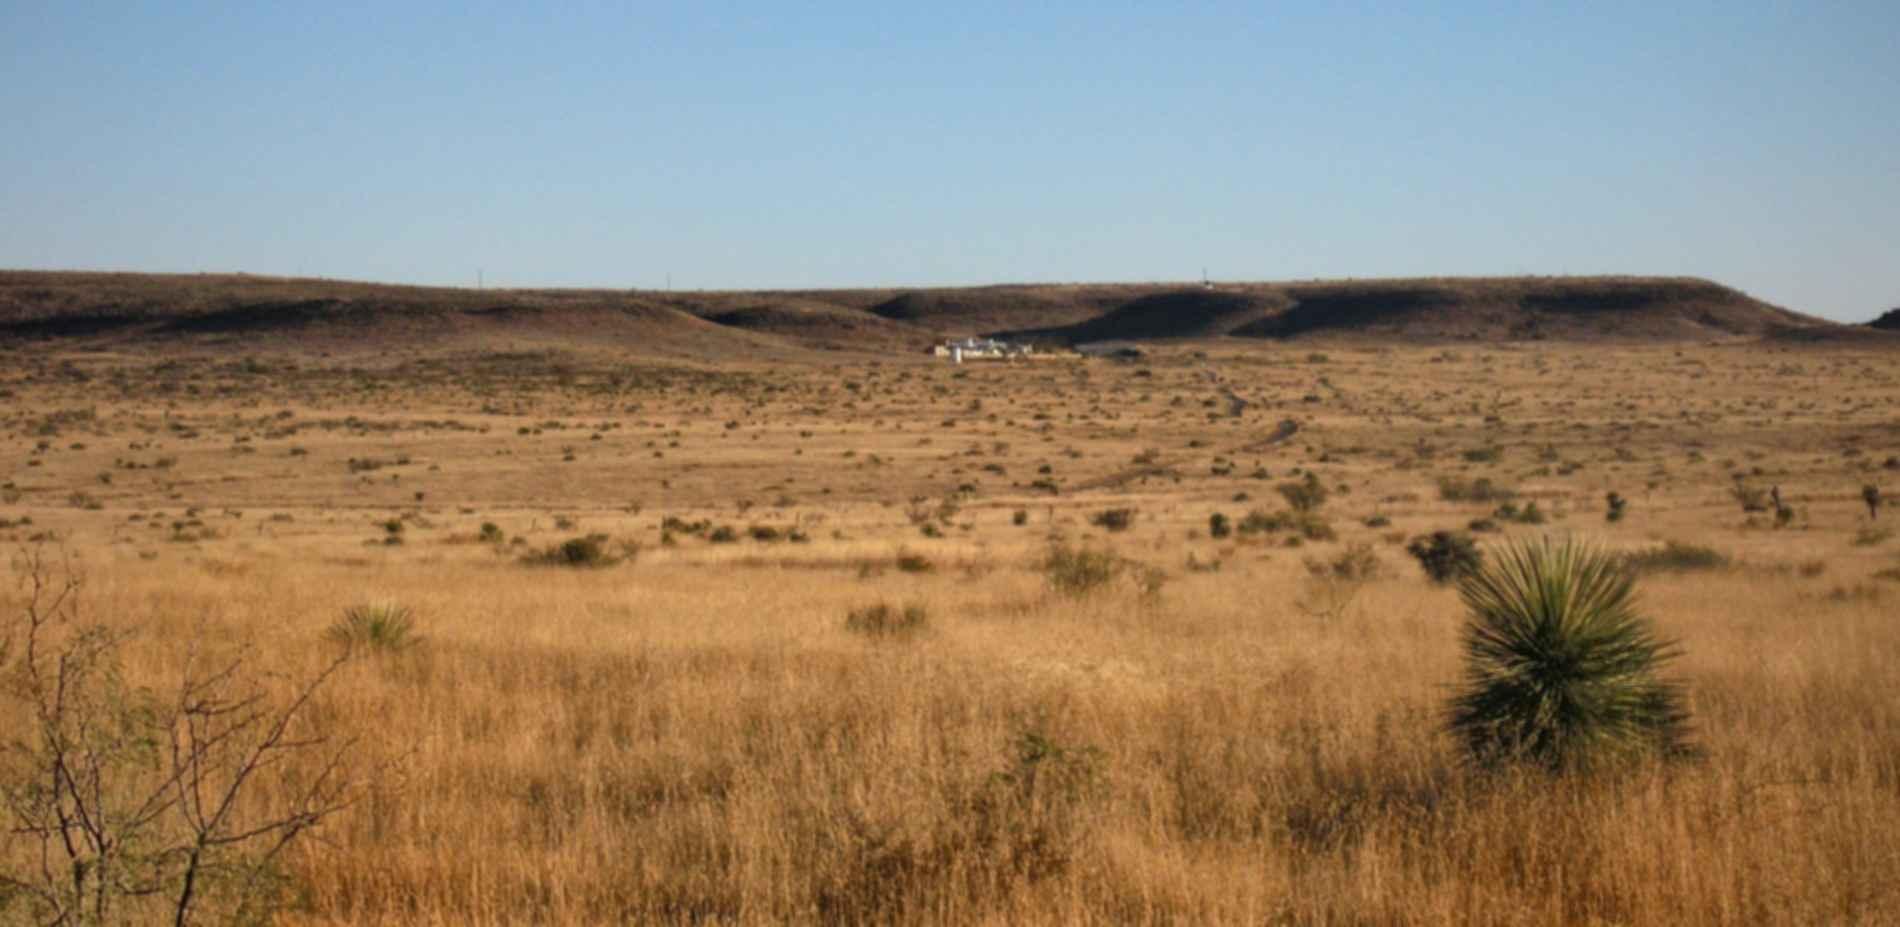 West Texas Ranch - Landscape